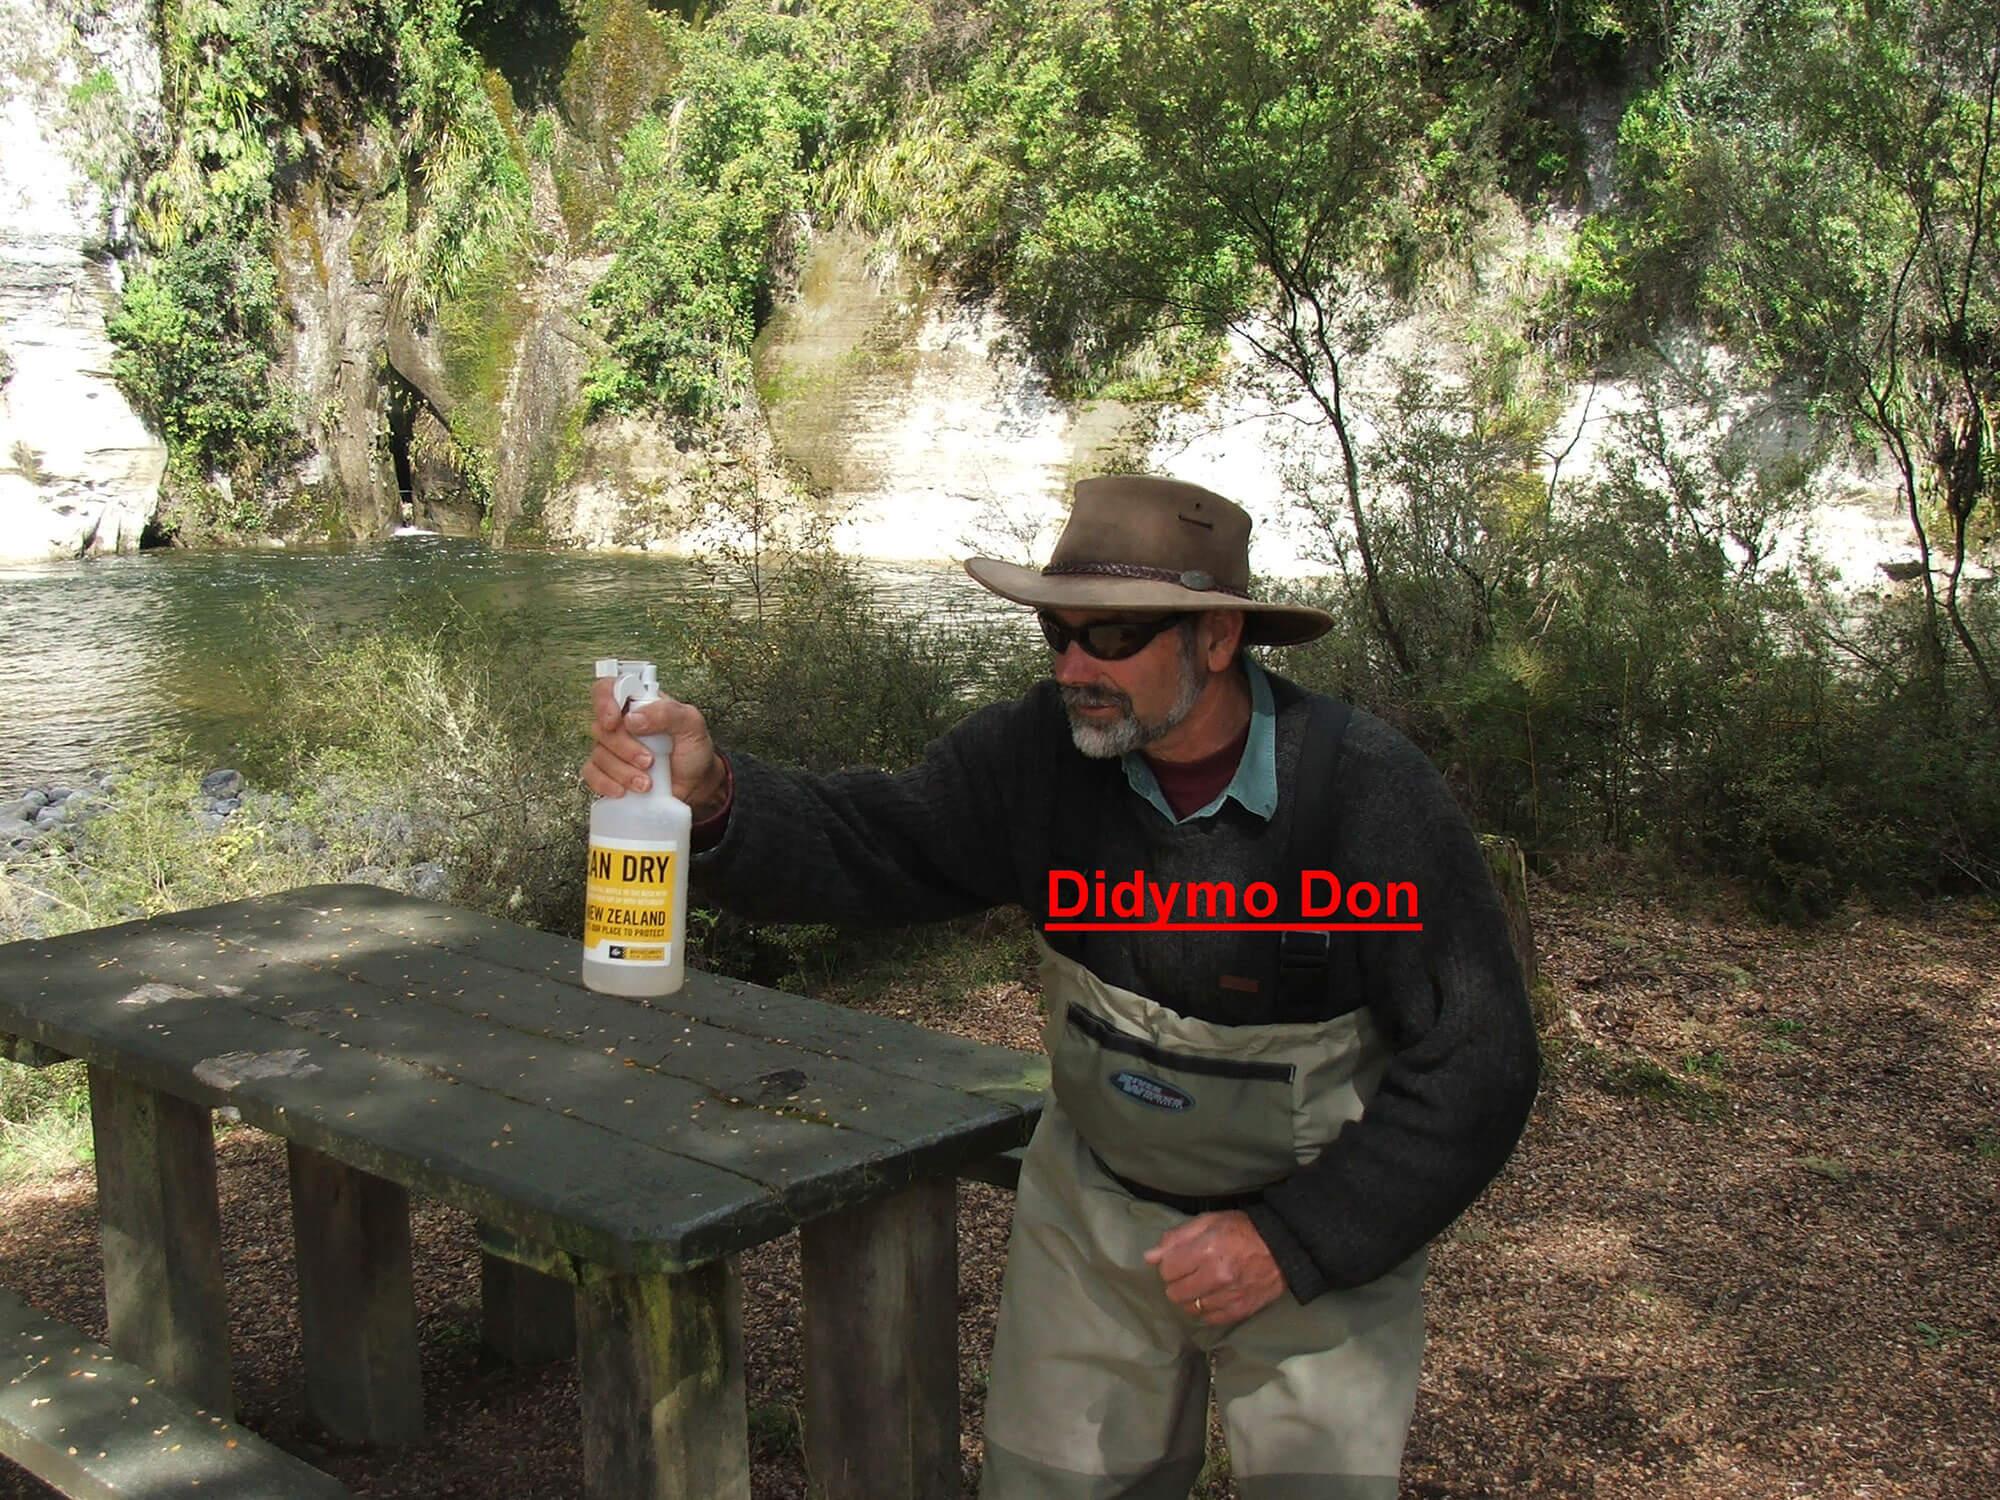 Didymo-Don.jpg